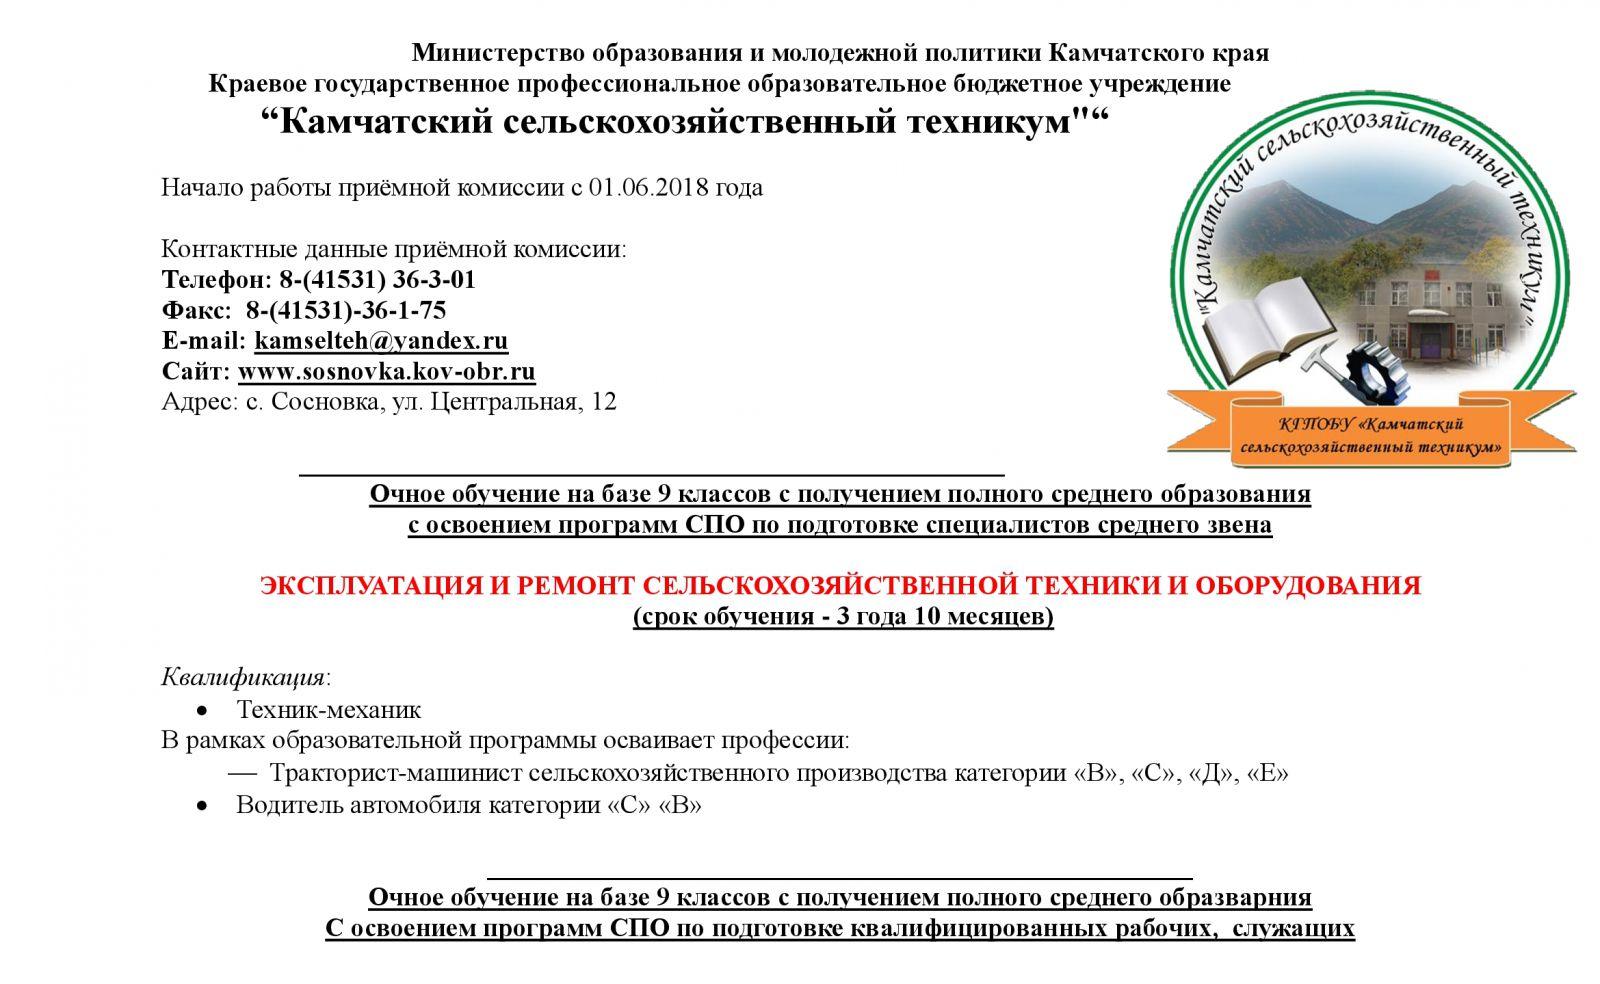 аттестация рабочих мест в петропавловске камчатском